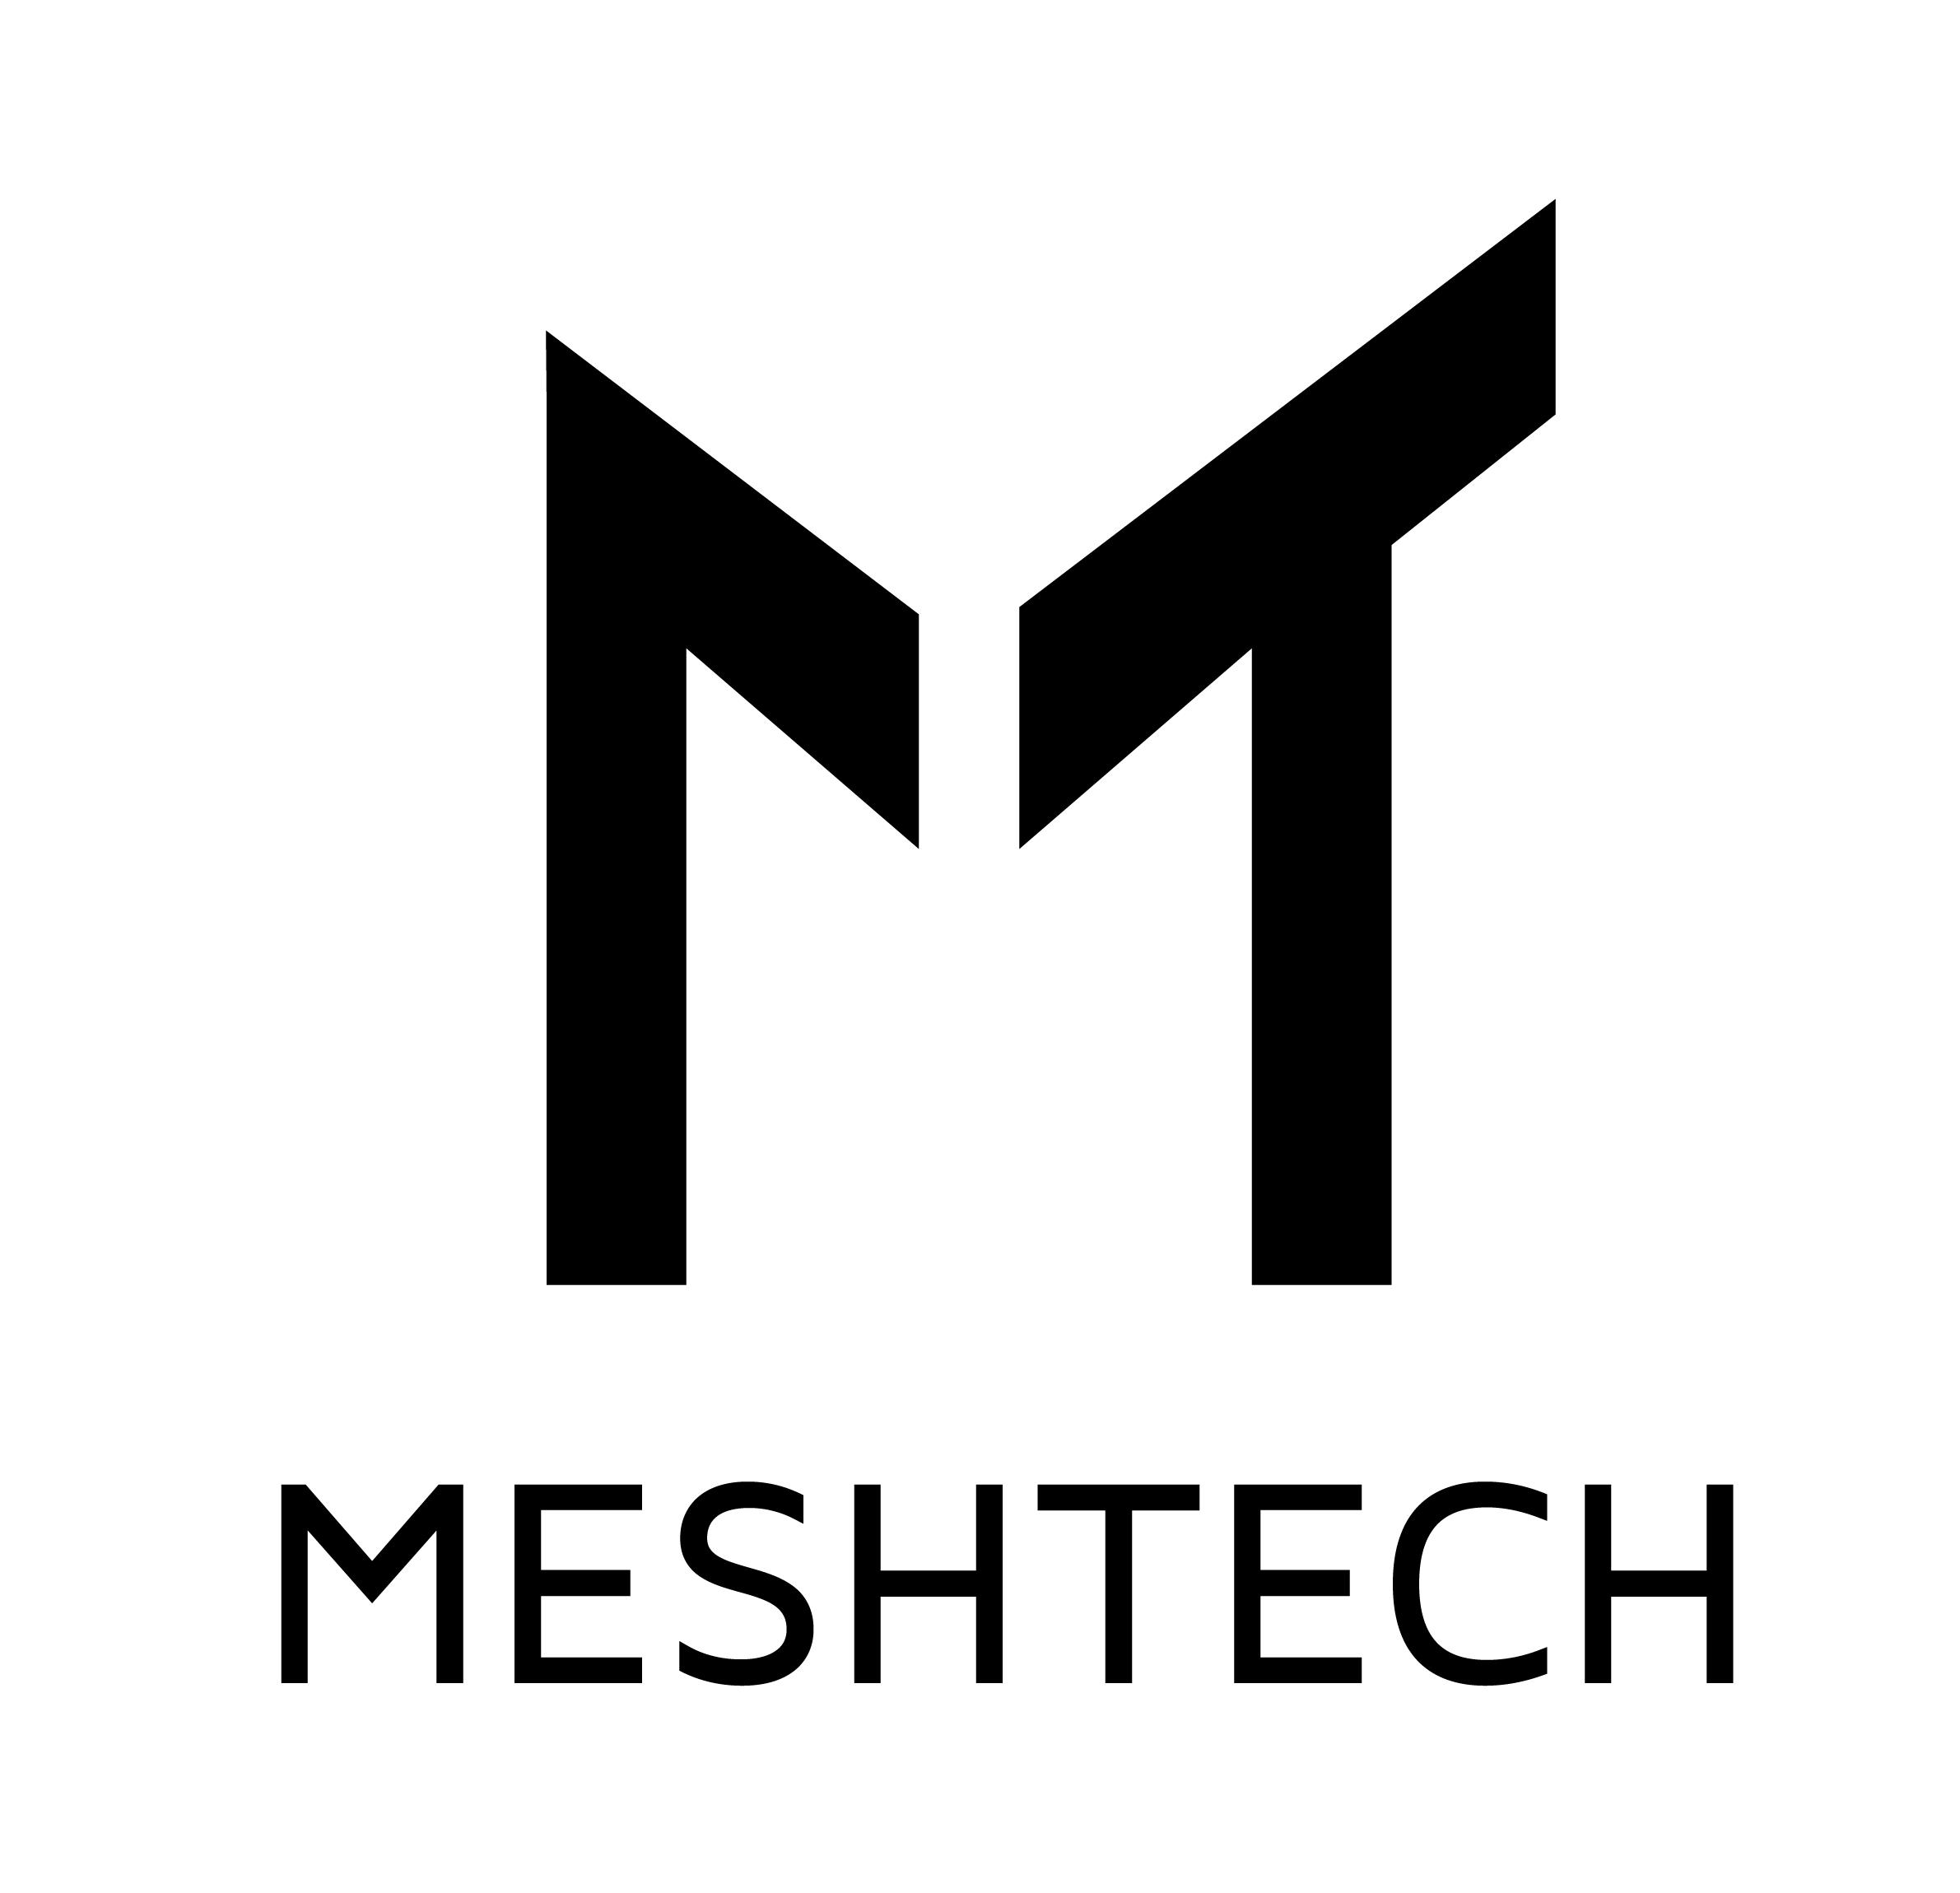 MESHTECH VELGER AXXE